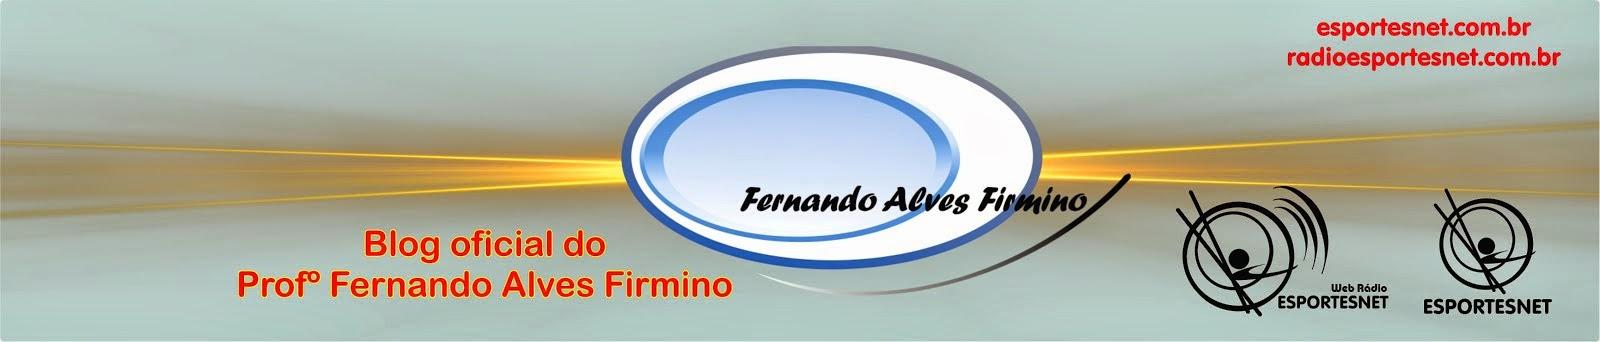 Profº Fernando Alves Firmino